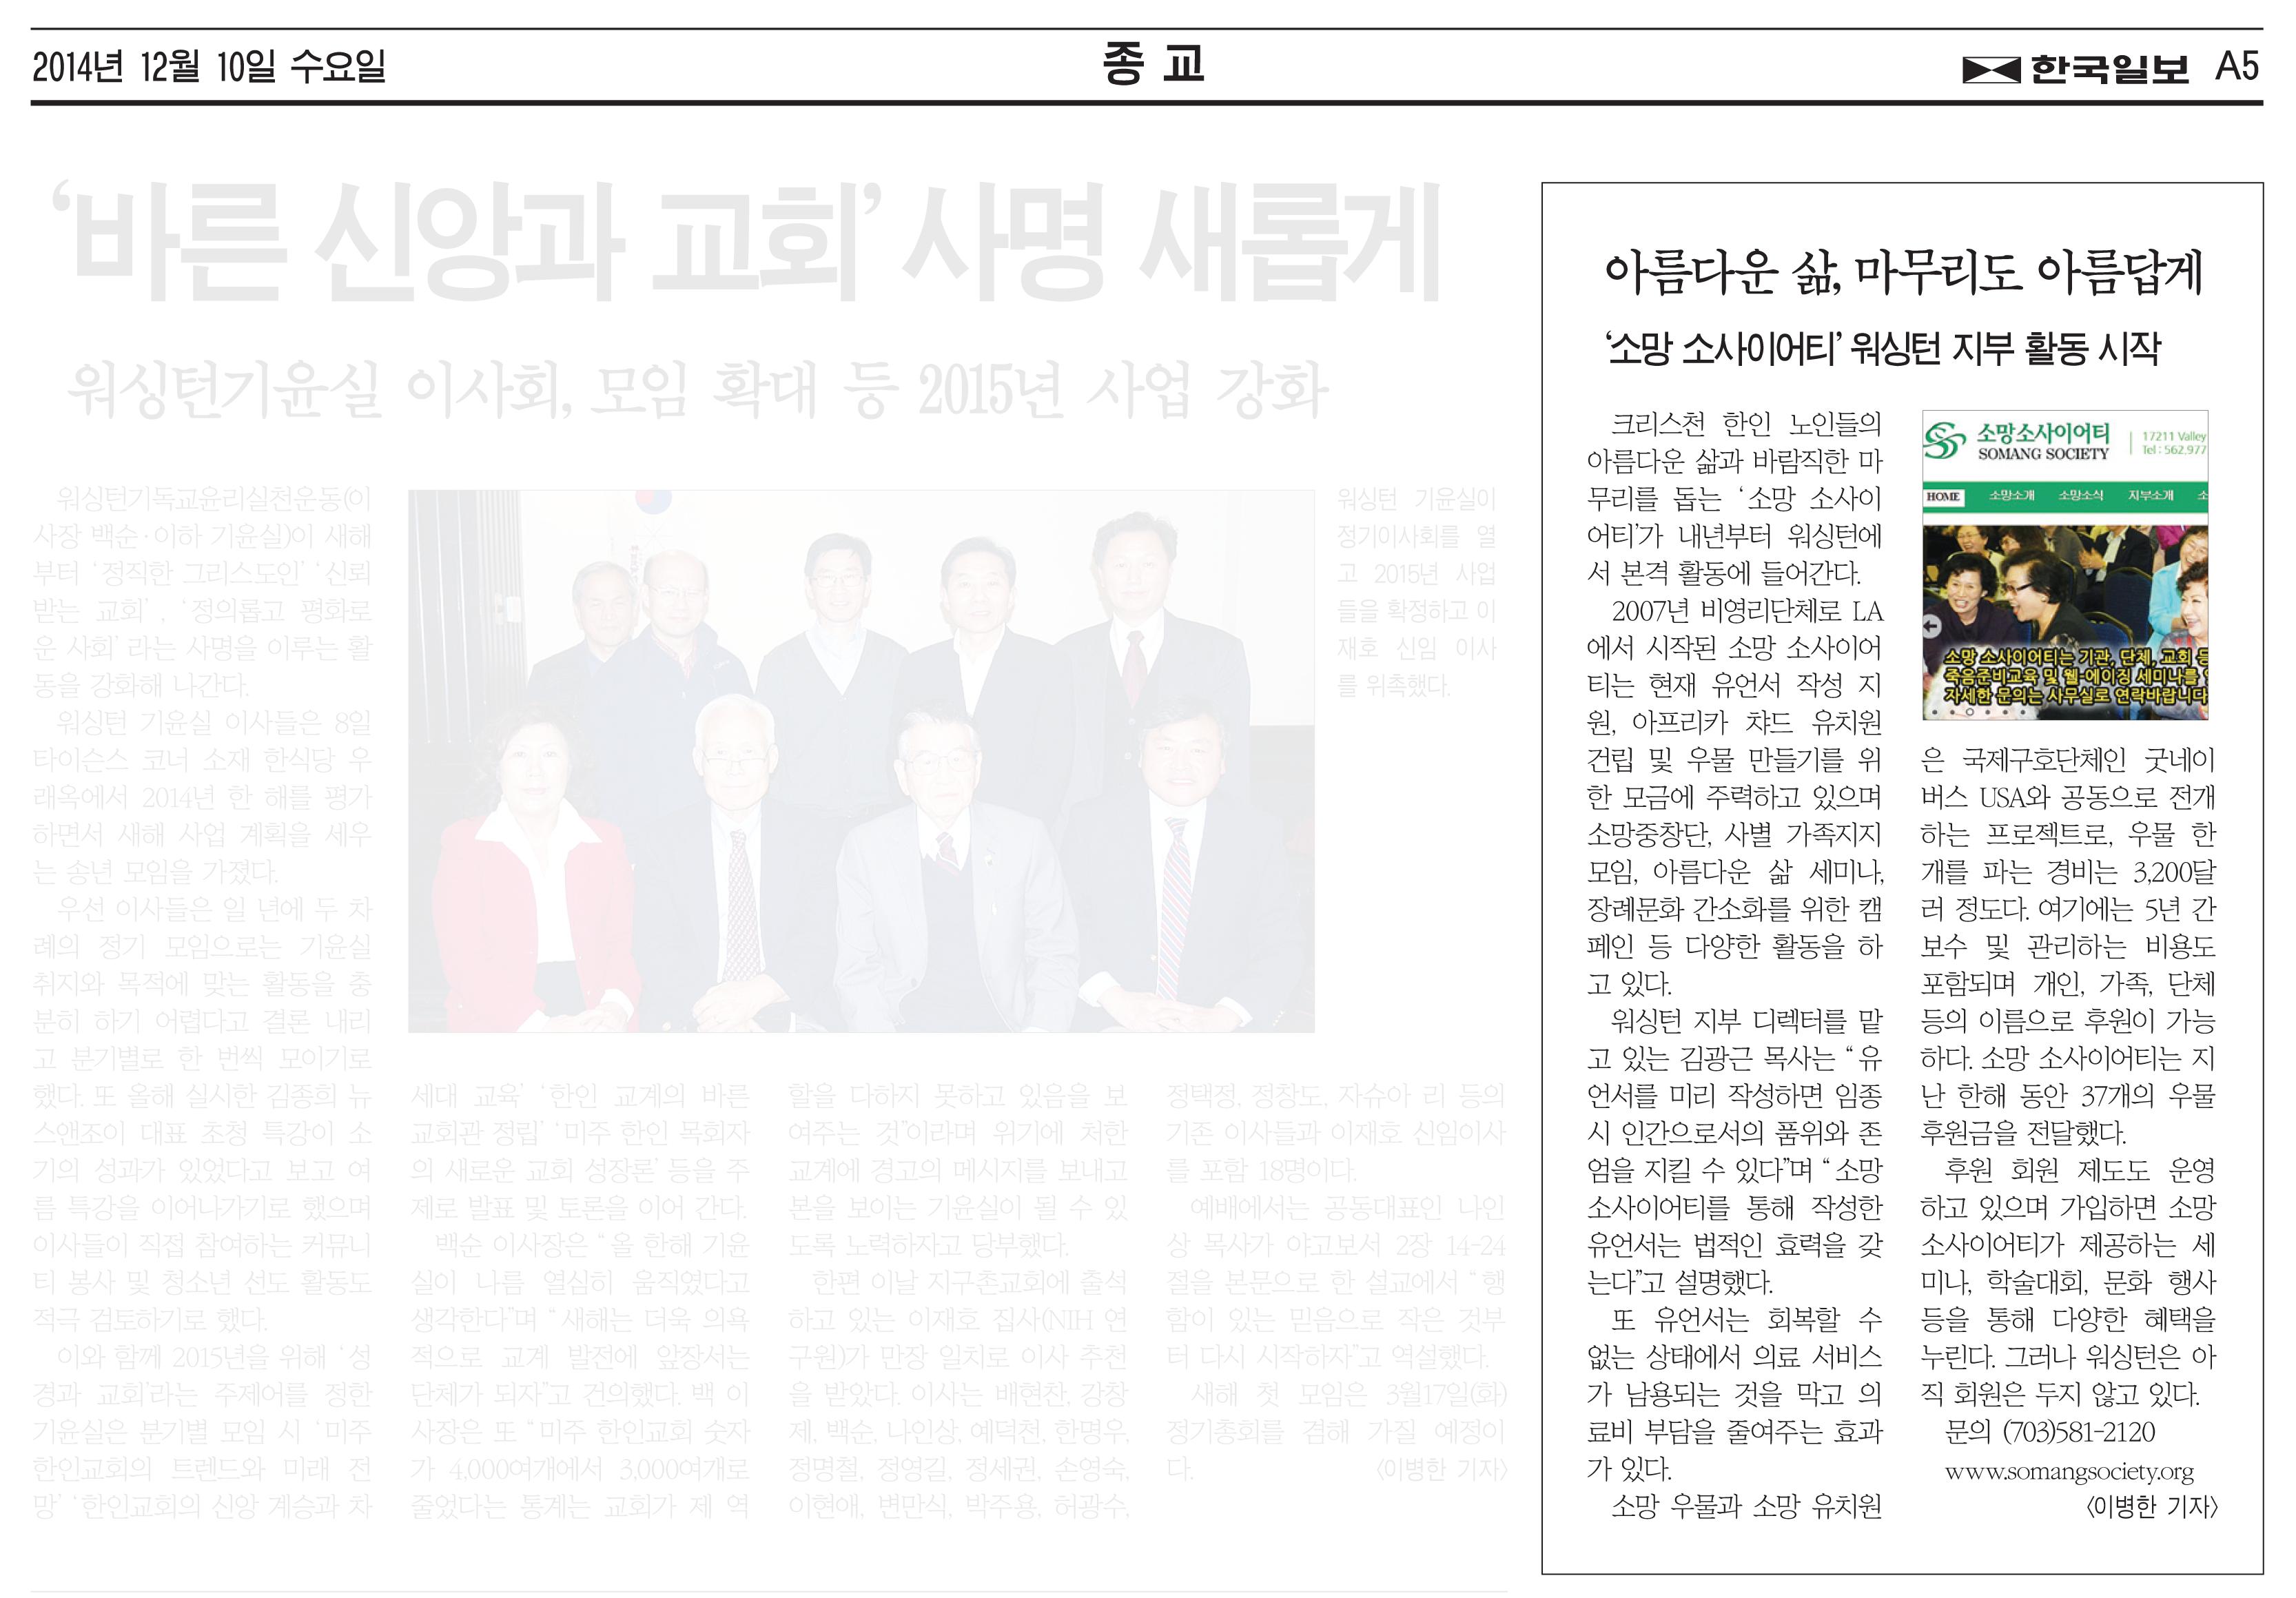 """""""아름다운 삶, 마무리도 아름답게"""" 2014년 12월 10일 한국일보"""